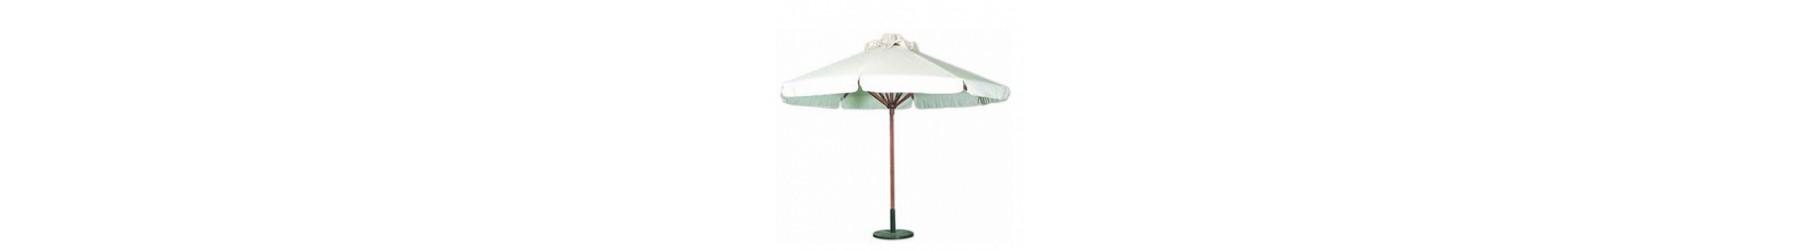 Ανταλλακτικά πανιά για ομπρέλες εξωτερικού χώρου